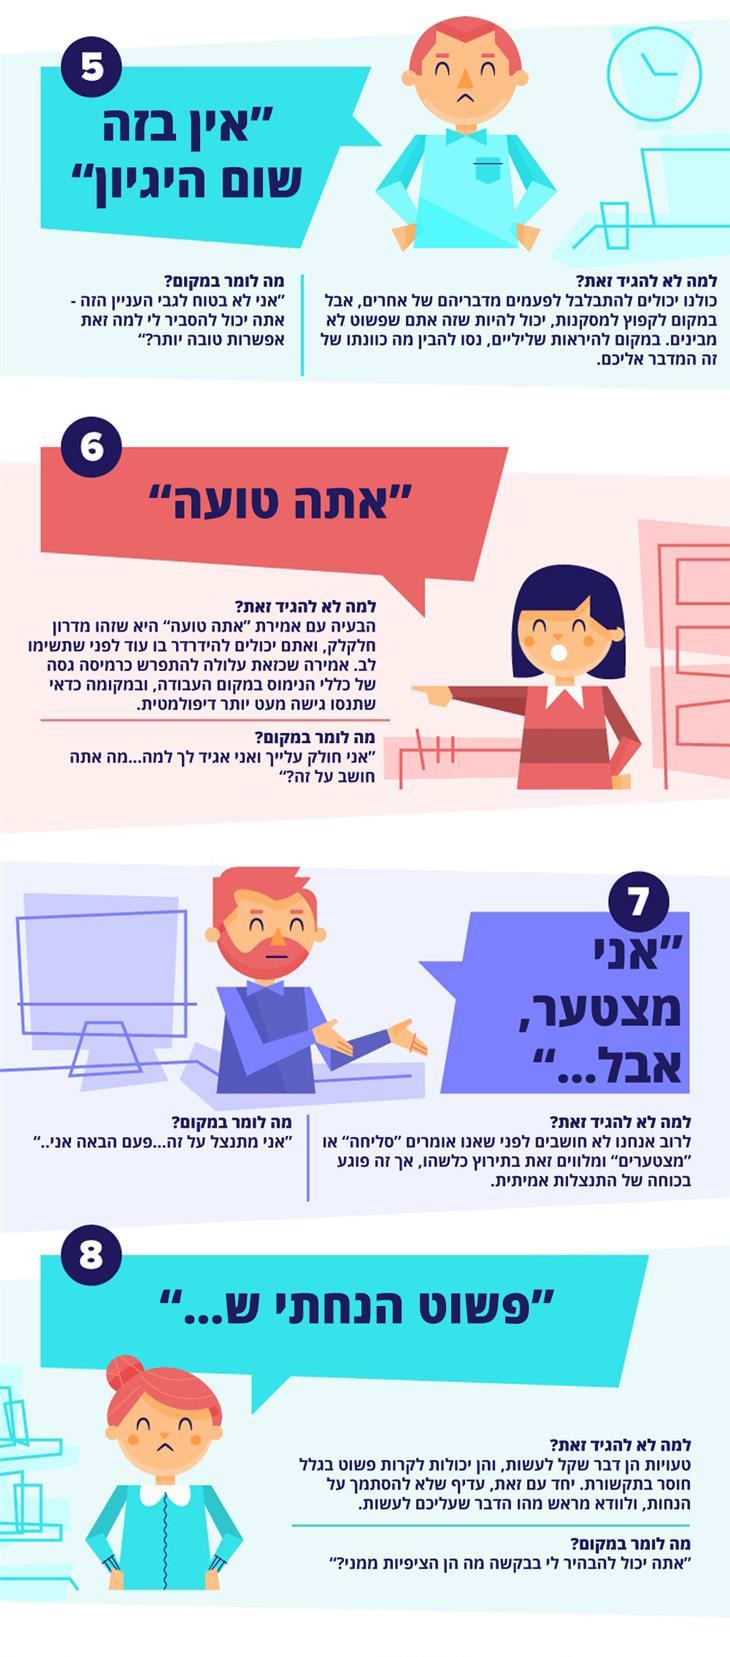 המדריך לדברים שאסור להגיד במקום העבודה ומה להגיד במקומם